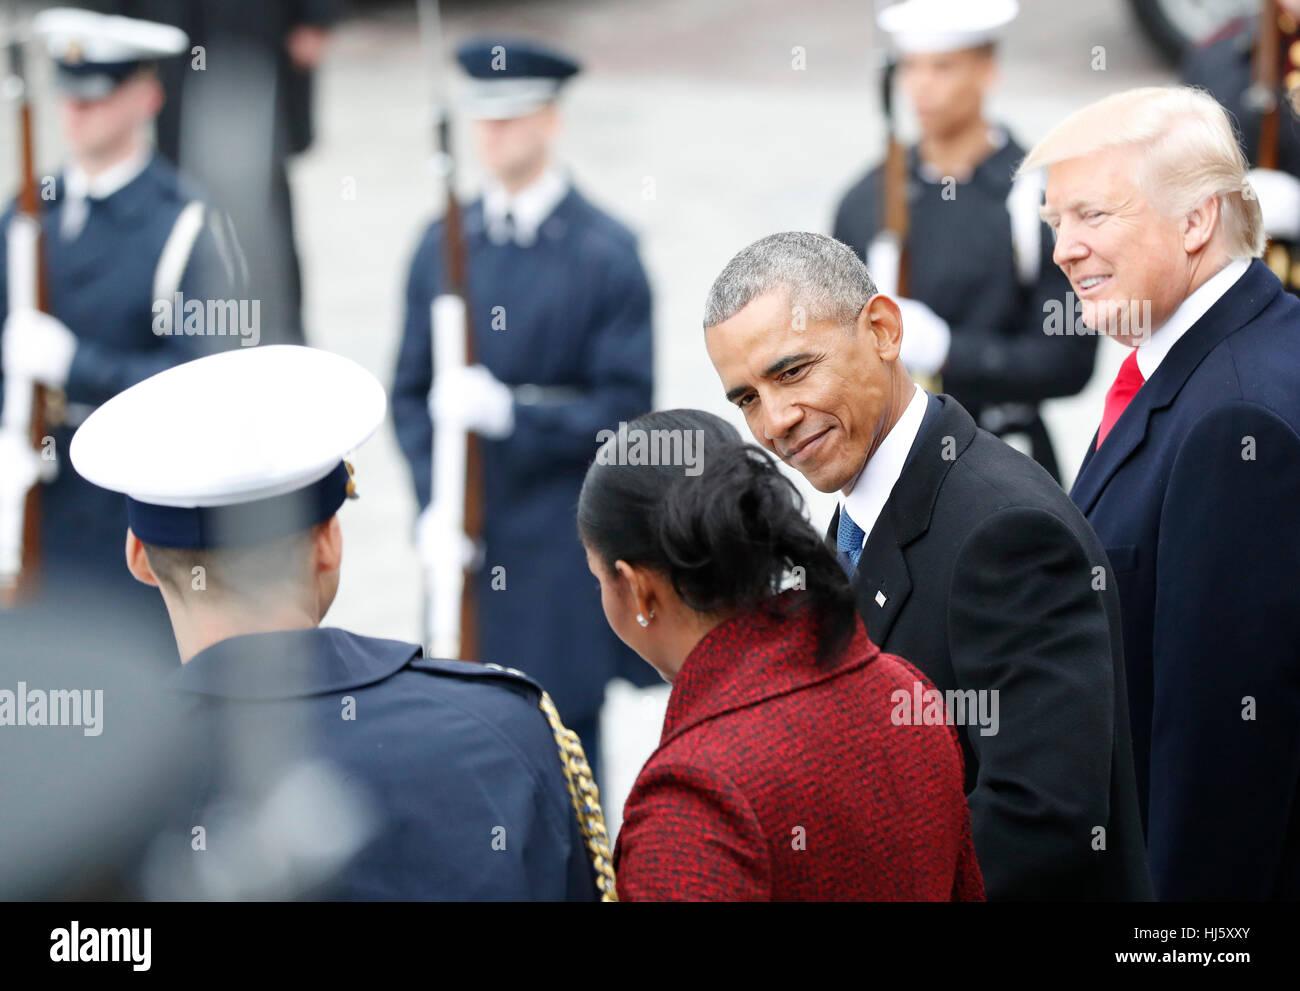 Il Presidente degli Stati Uniti, Donald Trump sorrisi come ex presidente degli Stati Uniti Barack Obama sorrisi Immagini Stock